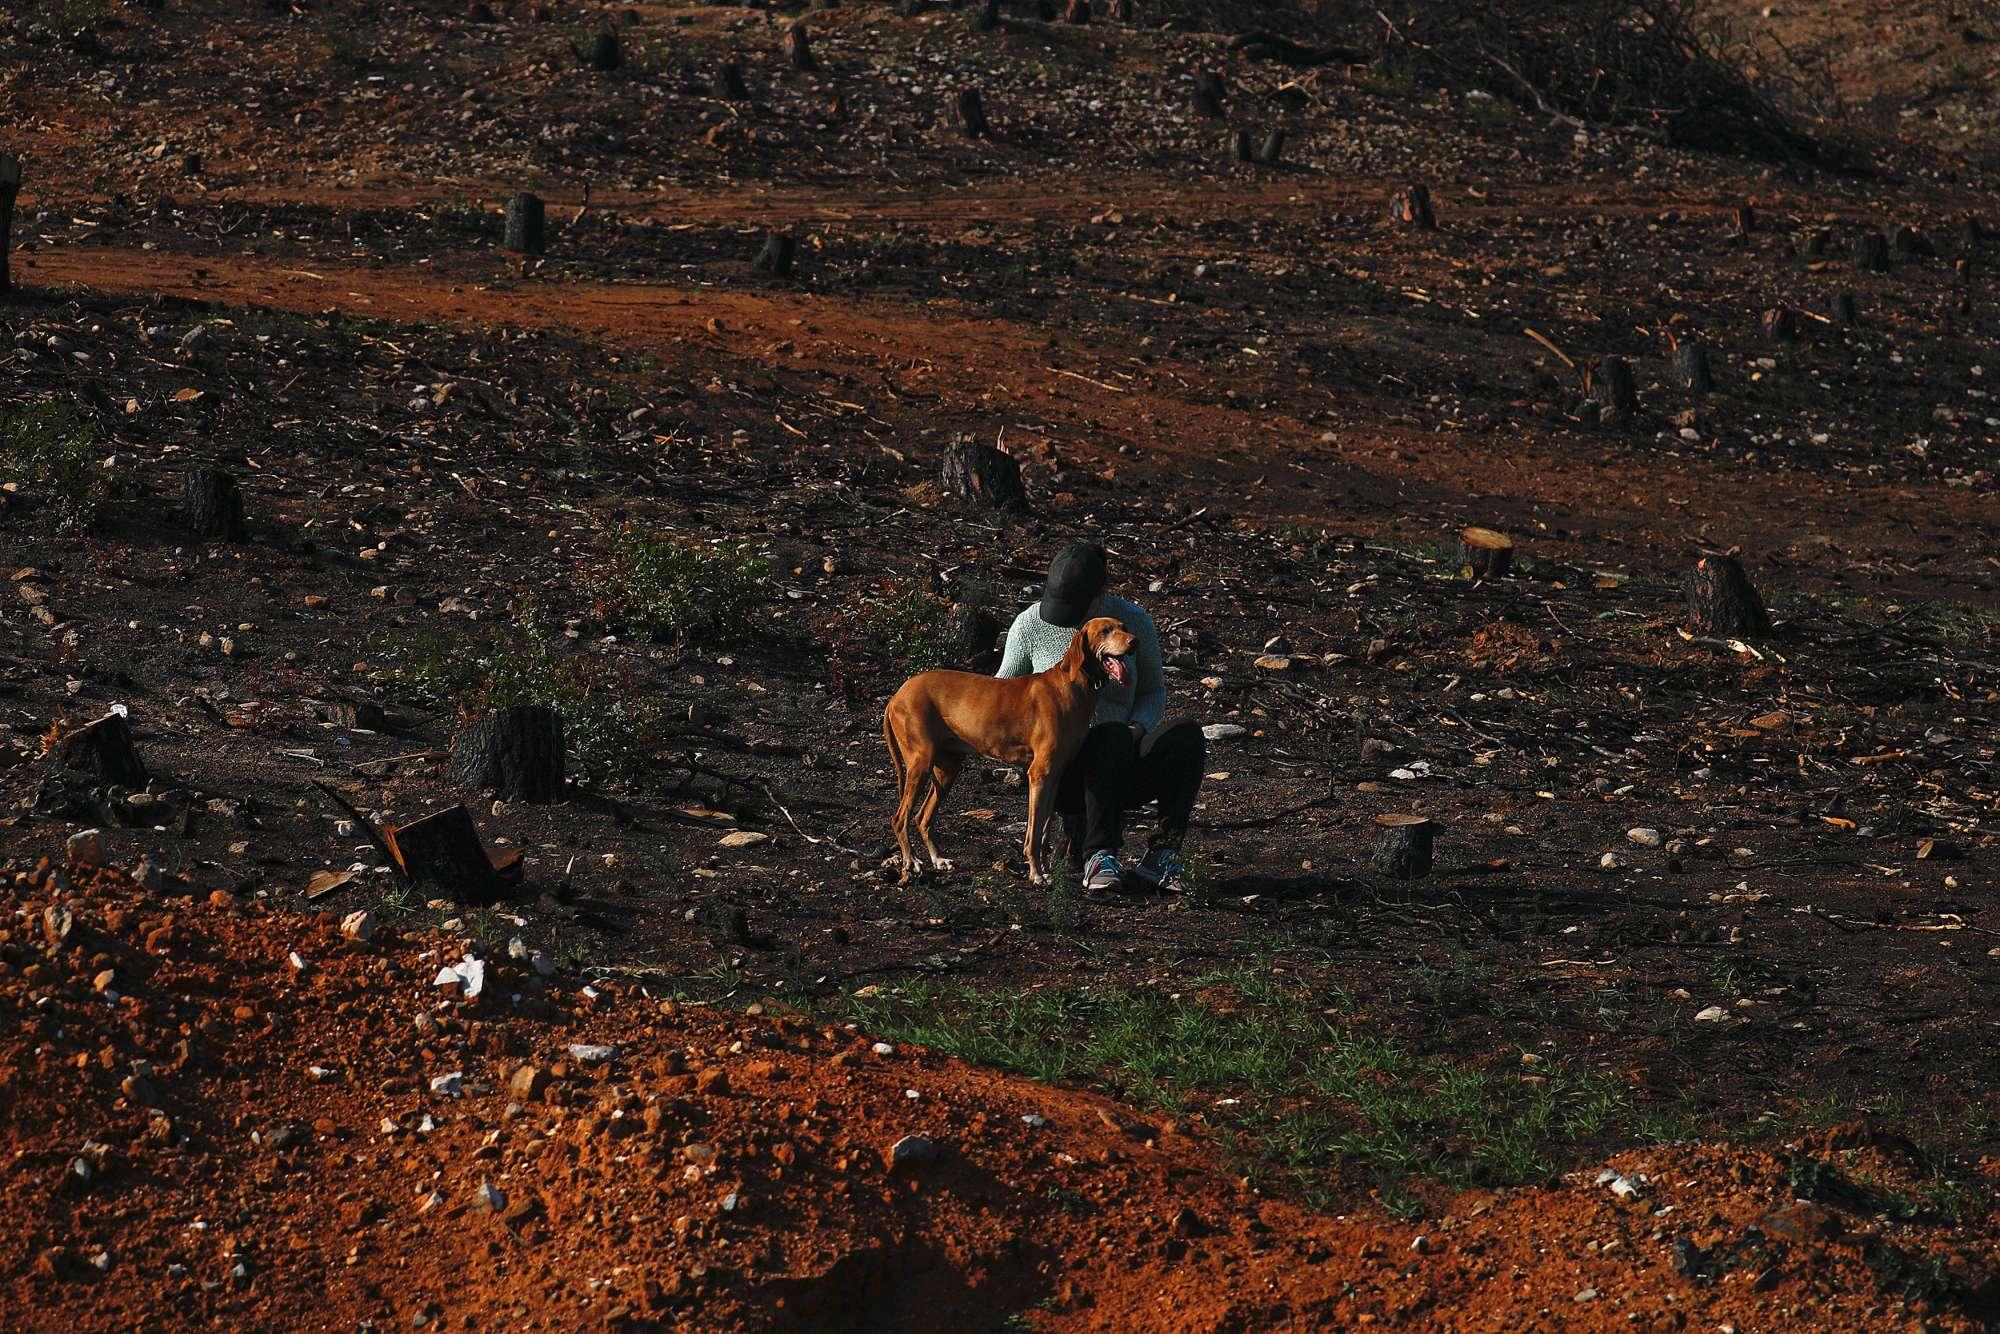 Κάτοικος της περιοχής με τον σκύλο σε θέση... παρατηρητών